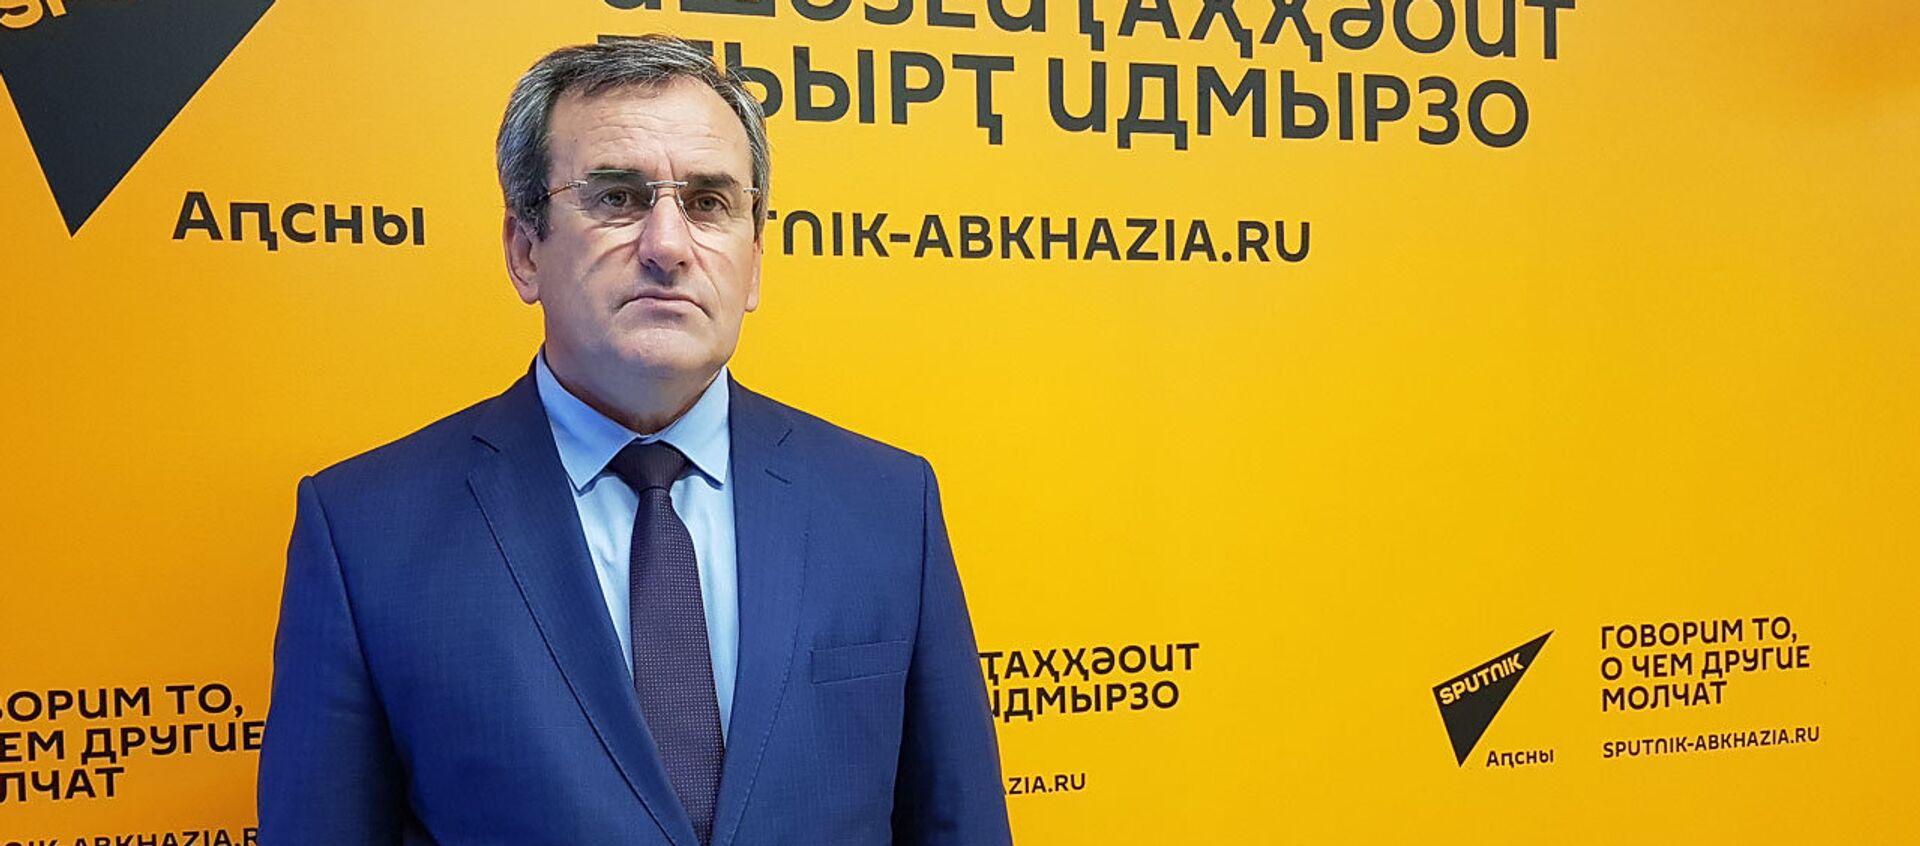 Адгур Какоба - Sputnik Аҧсны, 1920, 15.07.2019